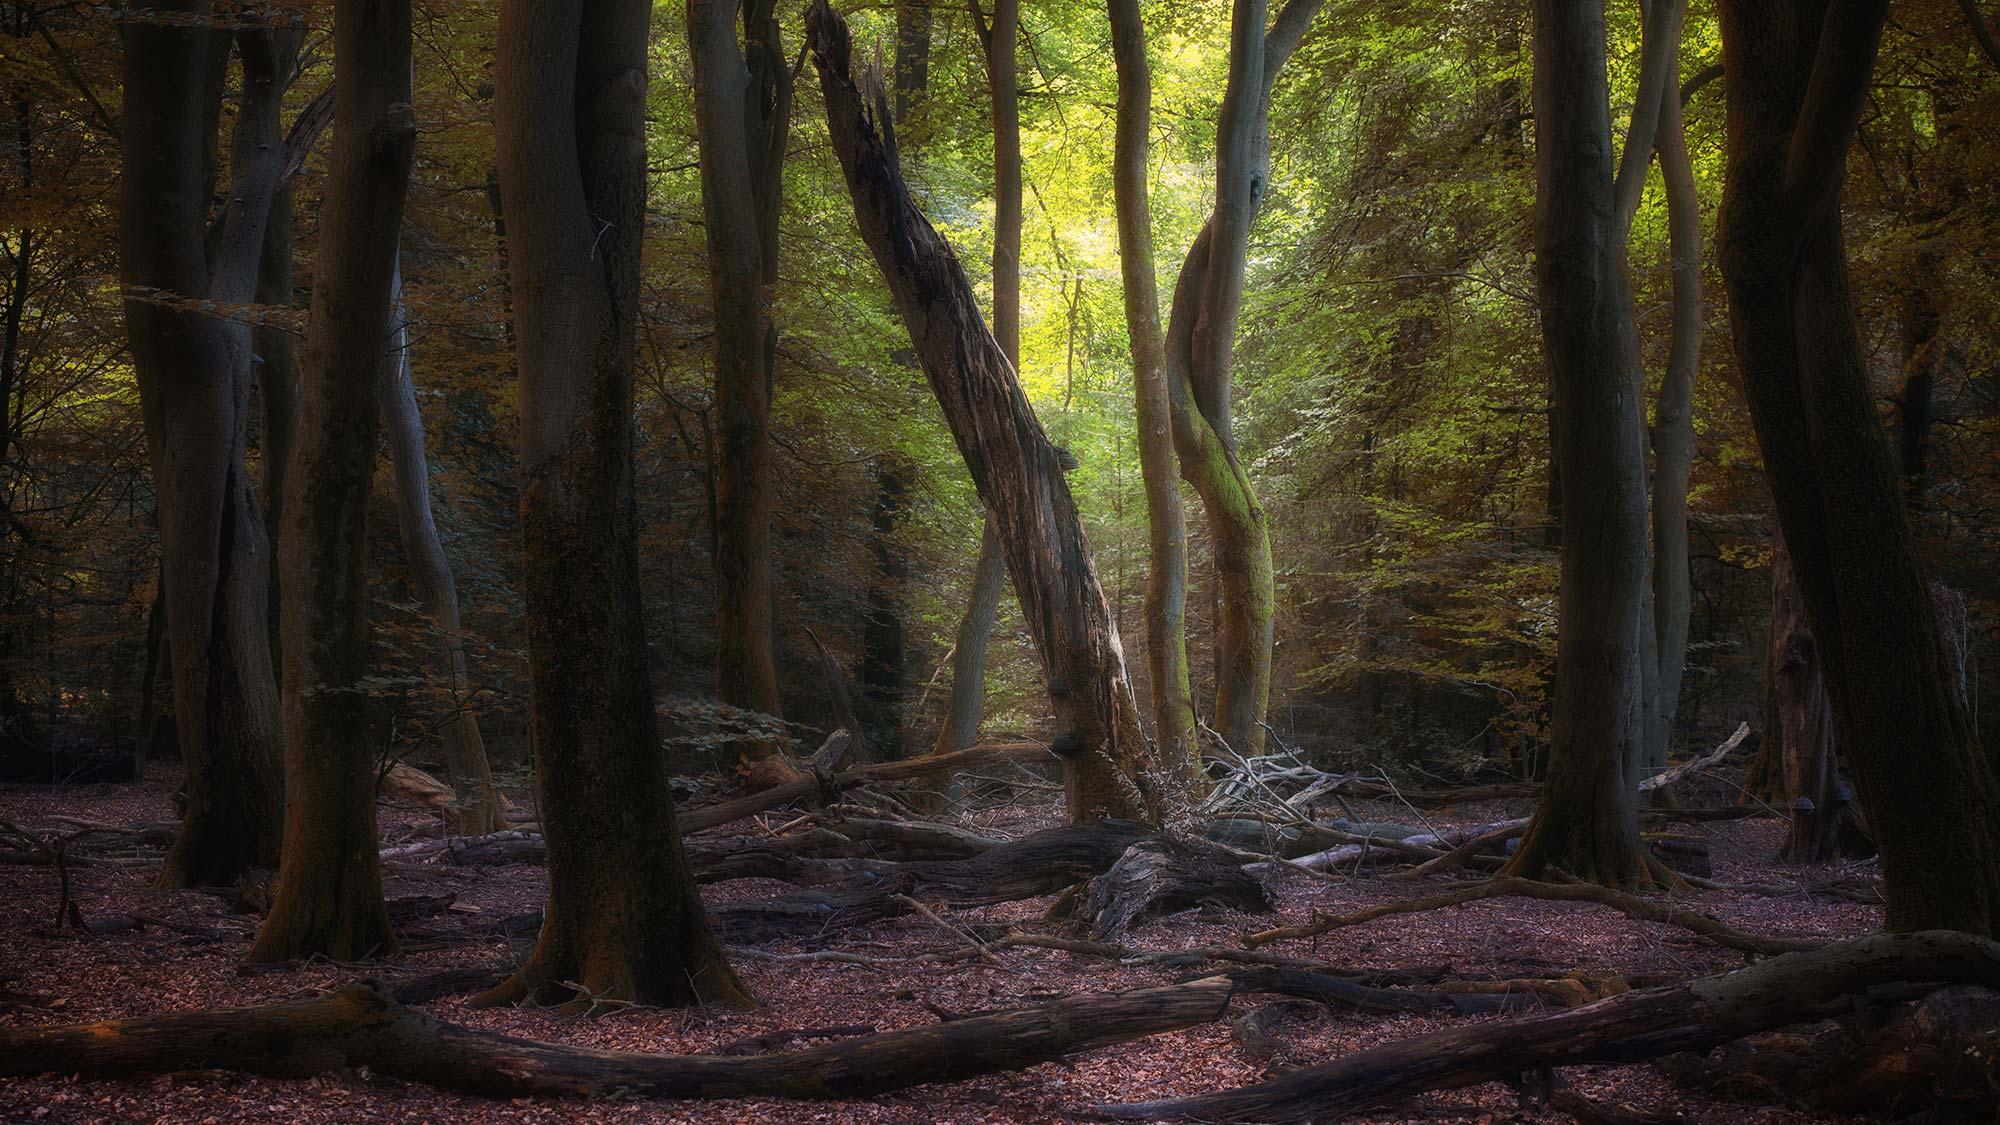 Forest Nathalie Annoye 2